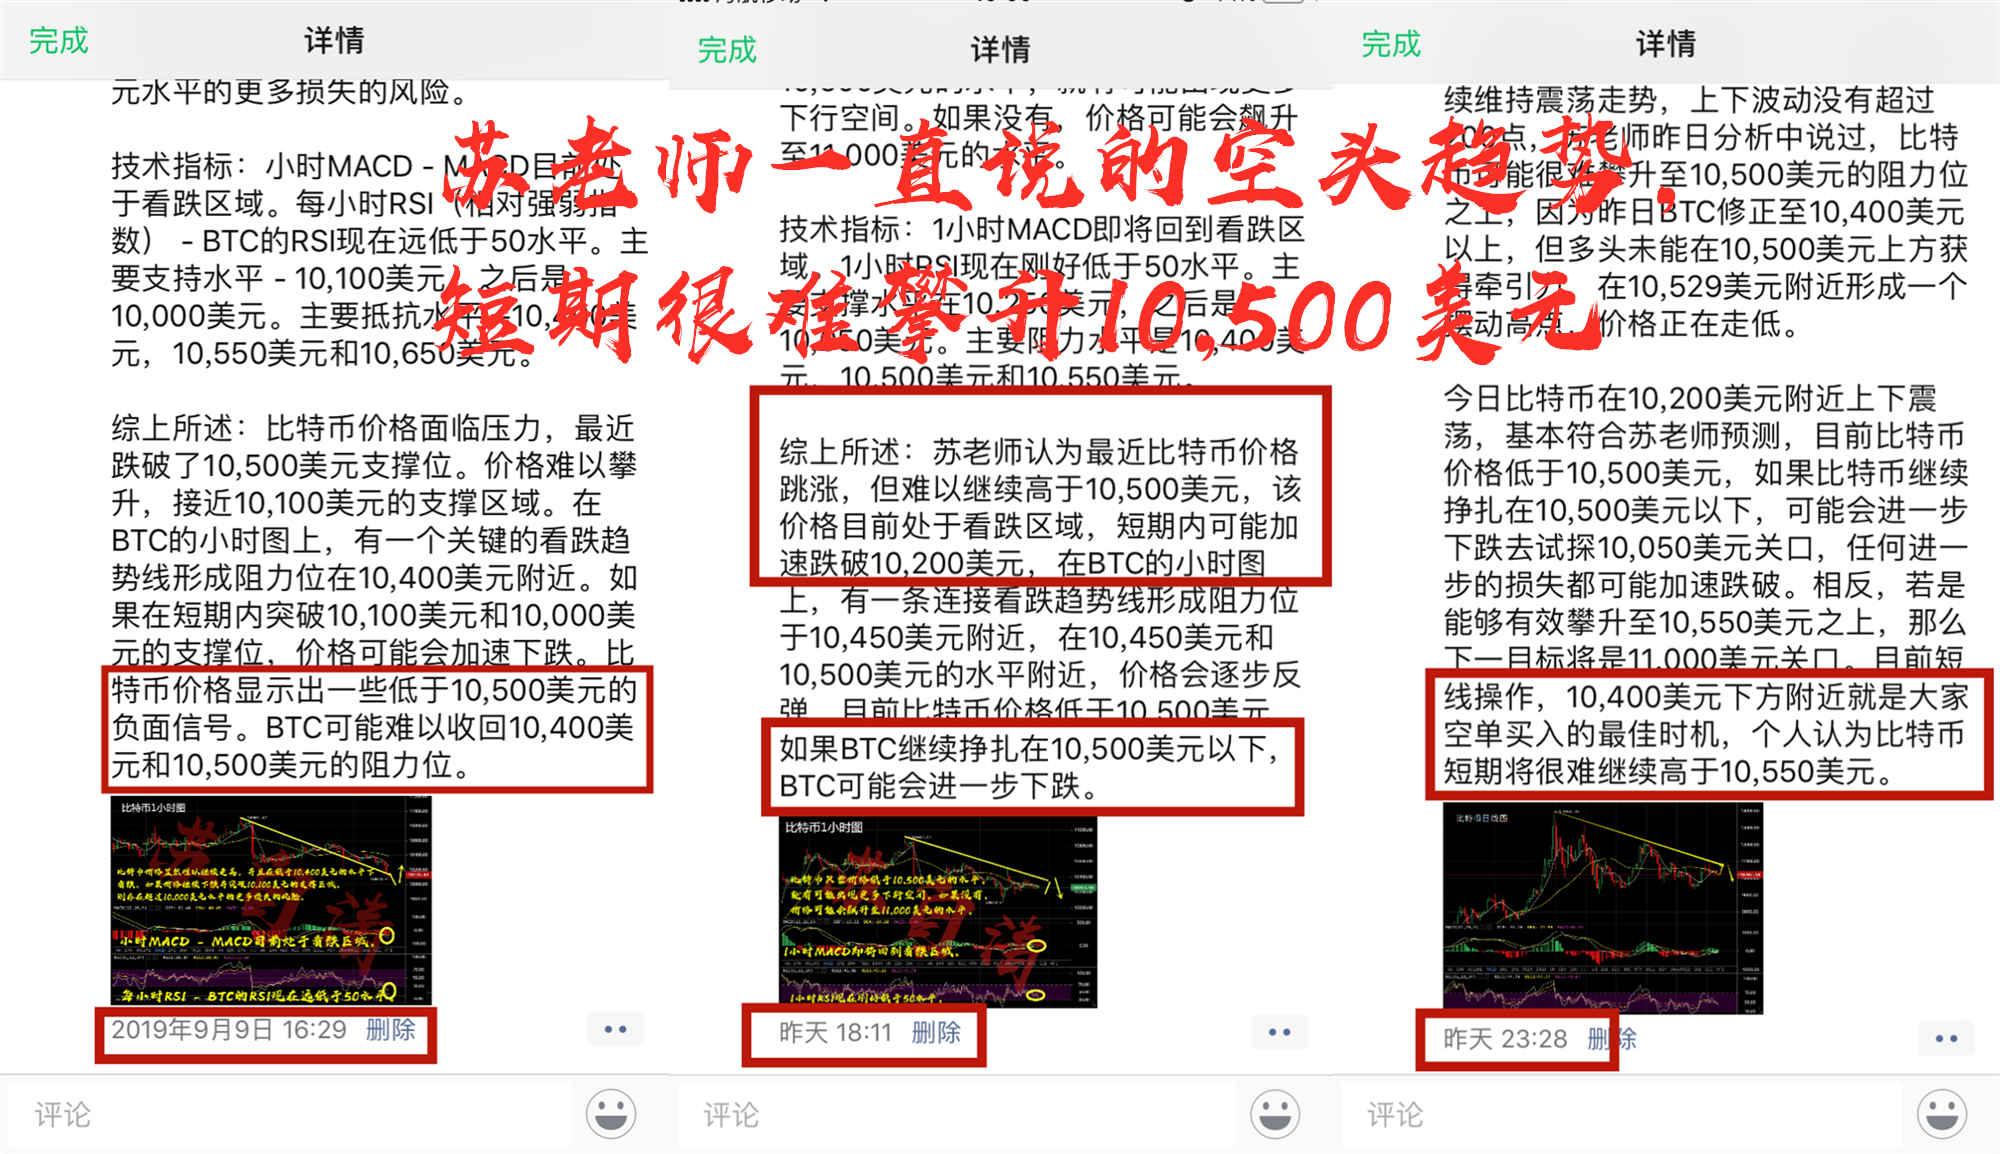 空头-【苏自清】:9.11比特币价格行情预测,短期空头依旧占优?